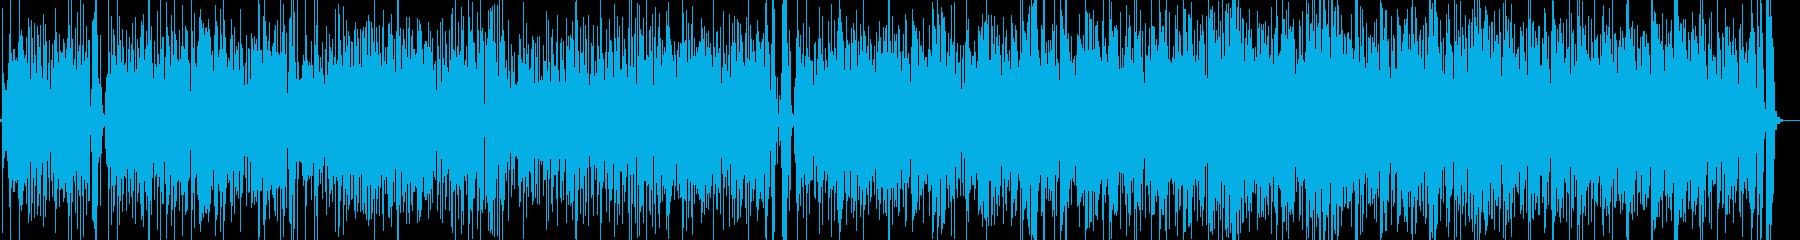 アコギとラテンとマンボな夜の再生済みの波形